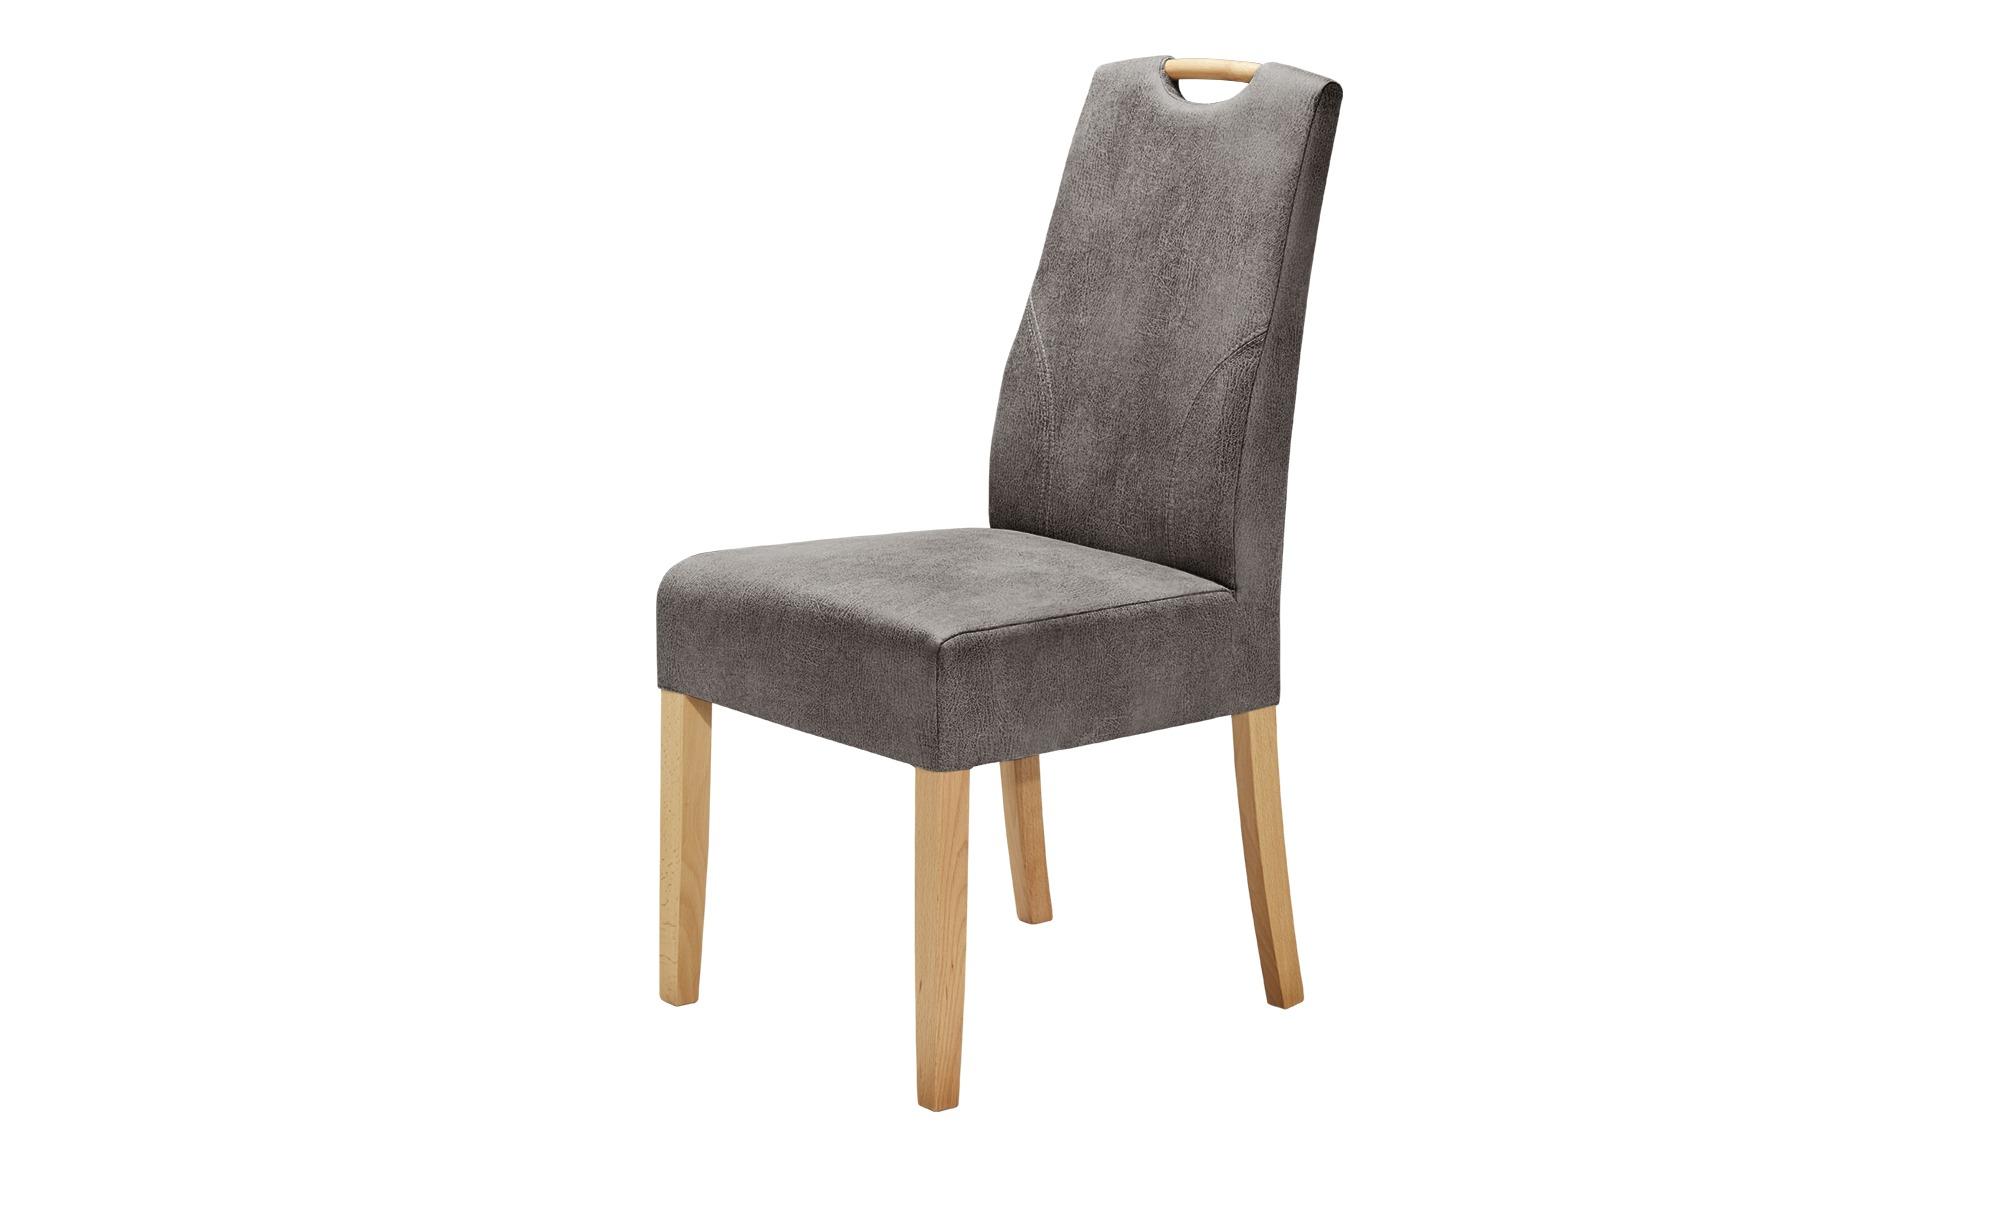 Stuhl  Top-Chairs ¦ Maße (cm): B: 45 H: 97,5 T: 57 Stühle > Esszimmerstühle > Esszimmerstühle ohne Armlehnen - Höffner | Küche und Esszimmer > Stühle und Hocker | Möbel Höffner DE